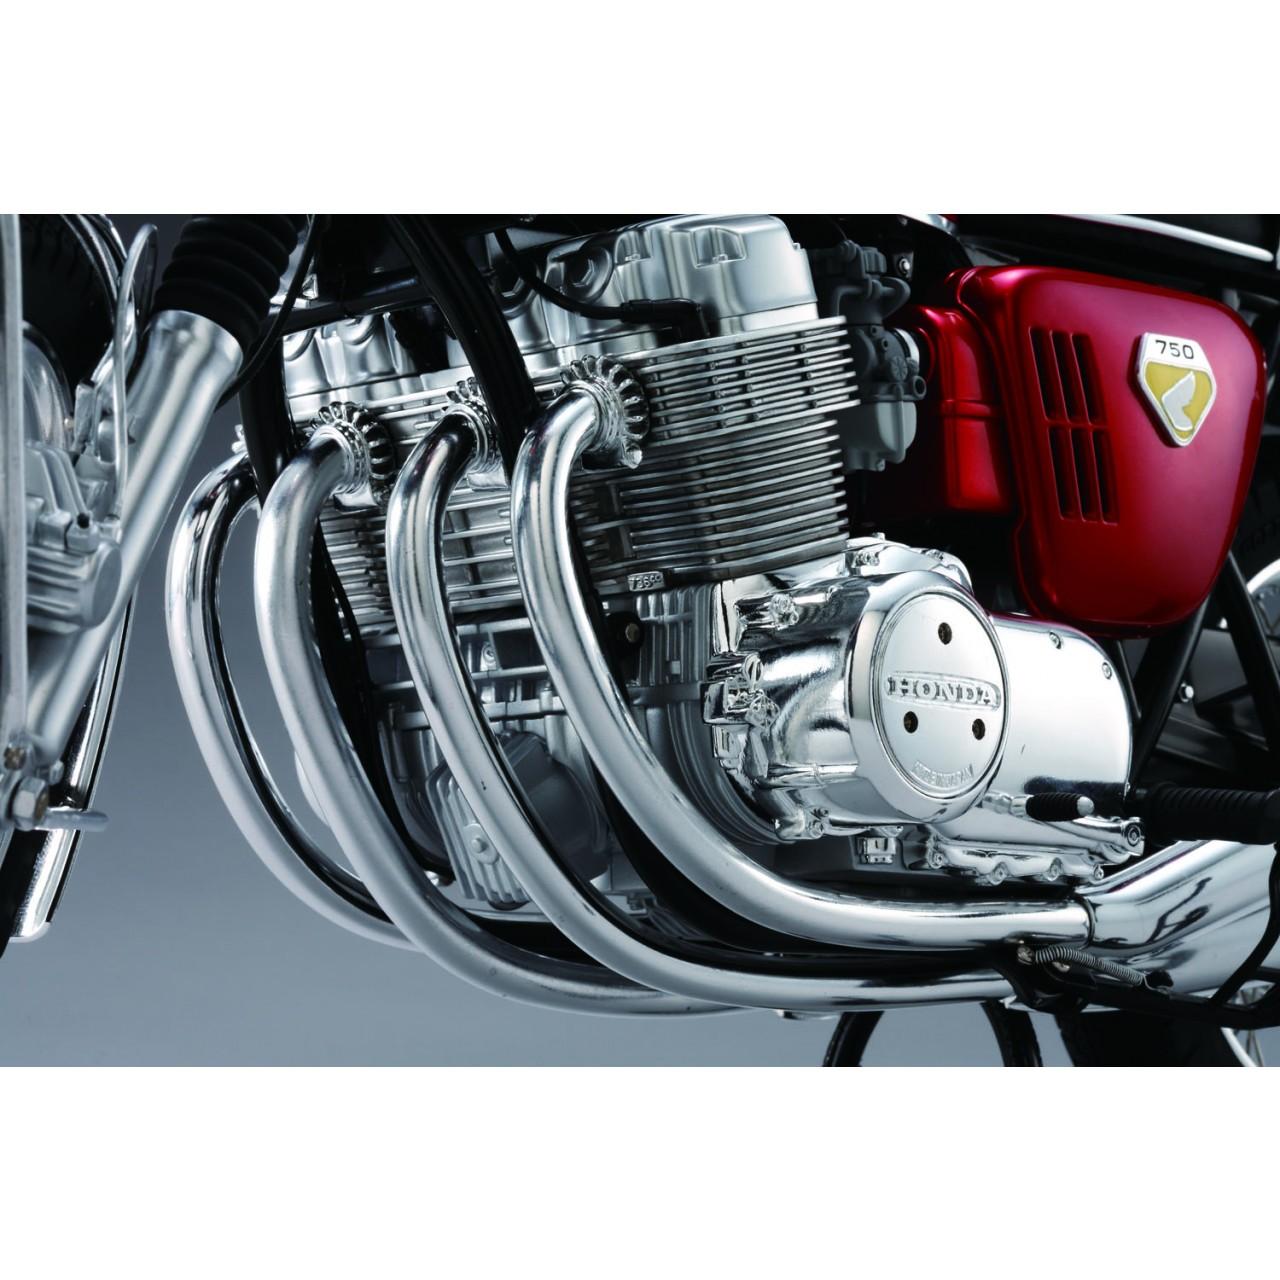 Honda Cb750 14 Scale Model Motorbike Full Kit Modelspace